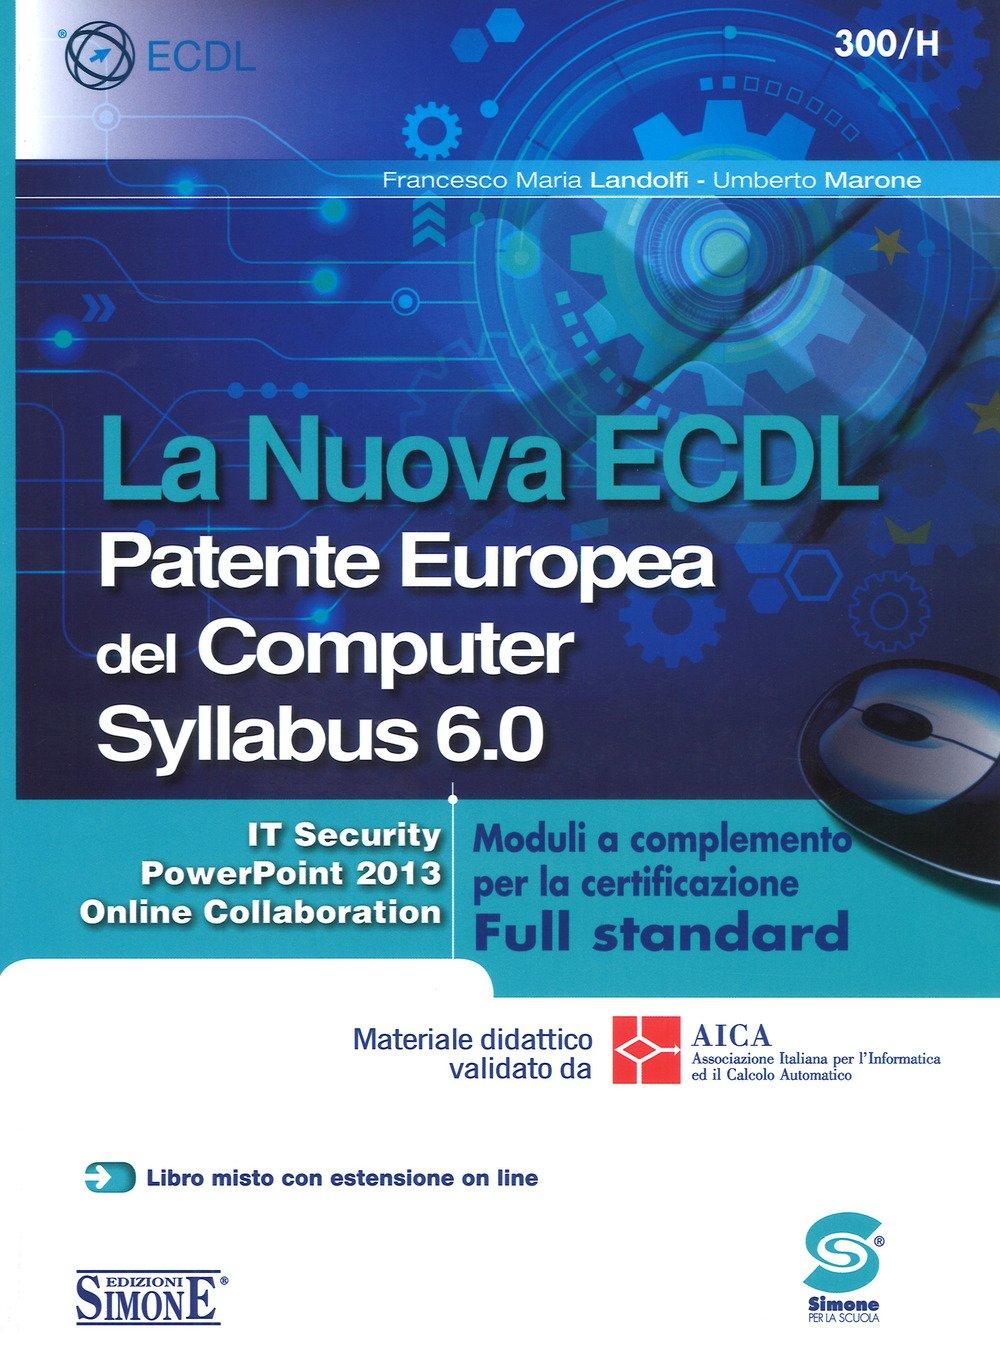 La nuova ECDL Patente Europea del Computer. Syllabus 6.0. Moduli a completamento per la certificazione Full standard Copertina flessibile – 20 mar 2018 Francesco M. Landolfi Umberto Marone Edizioni Giuridiche Simone 8891414182